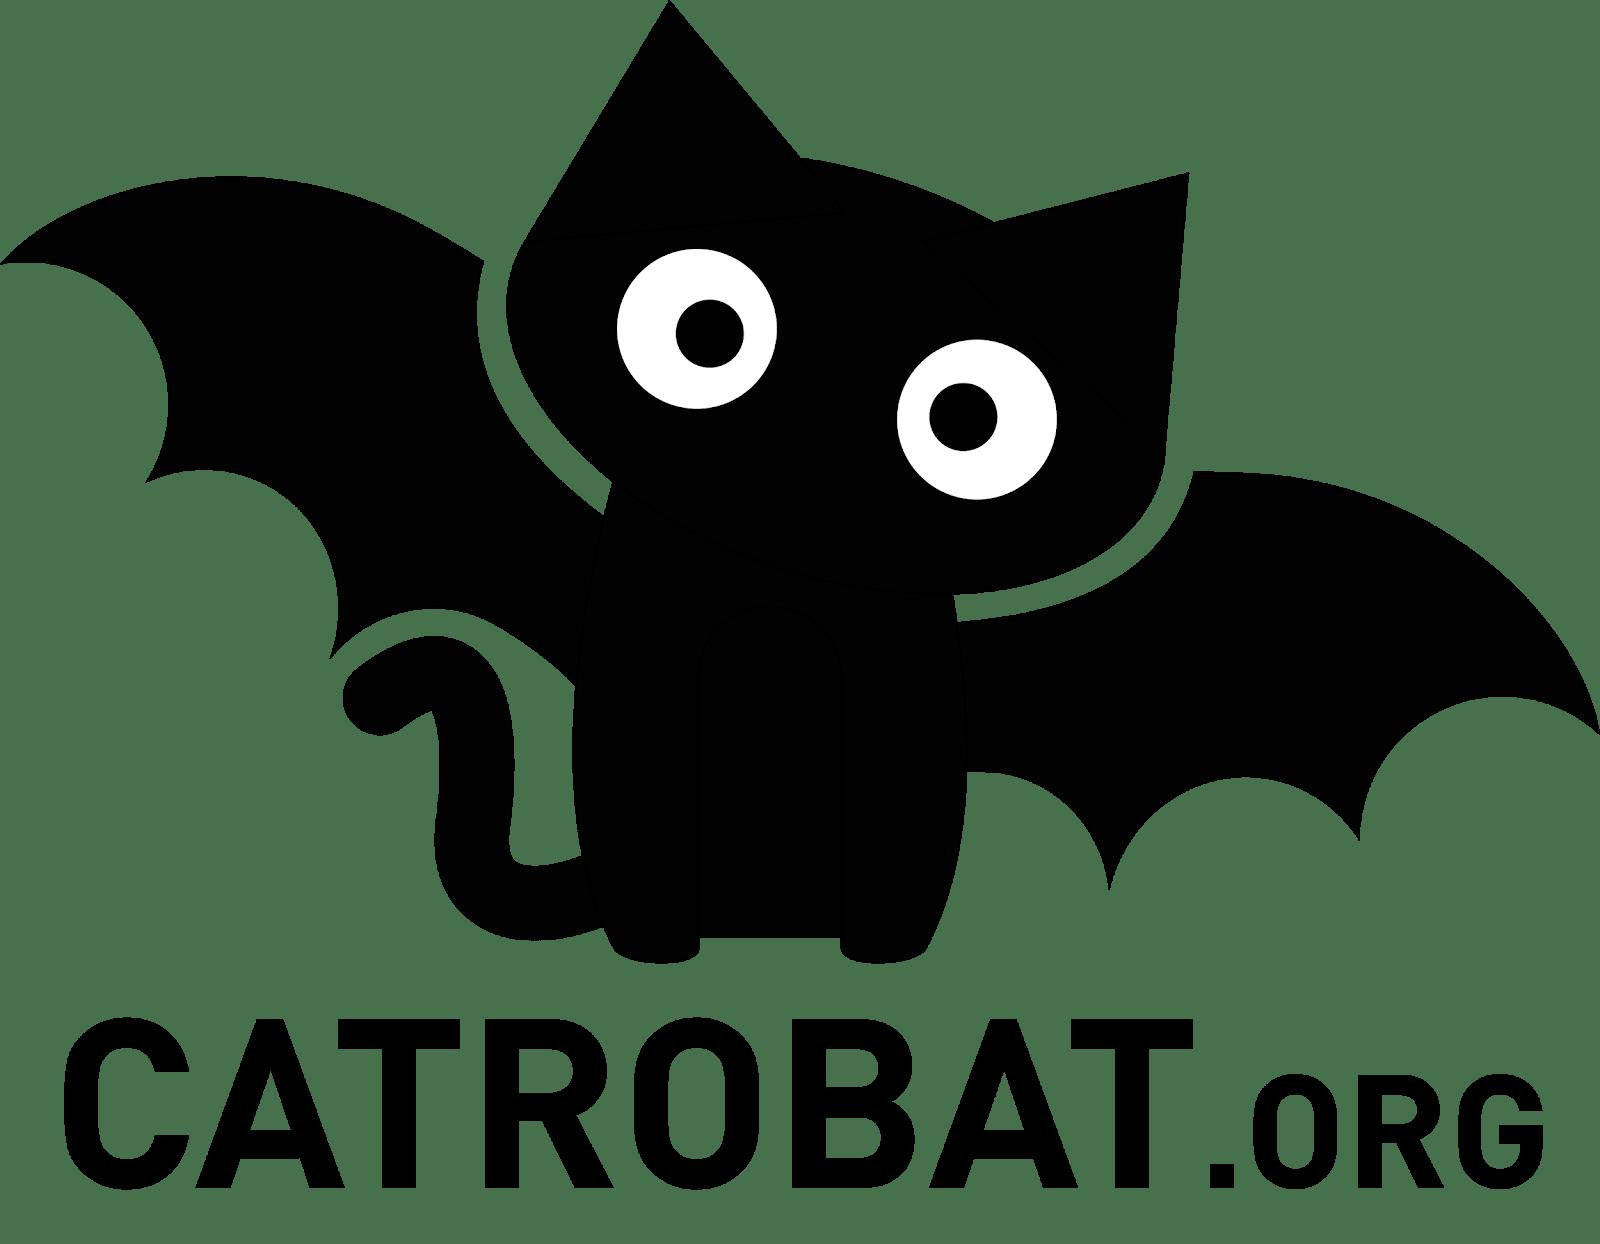 Catrobat